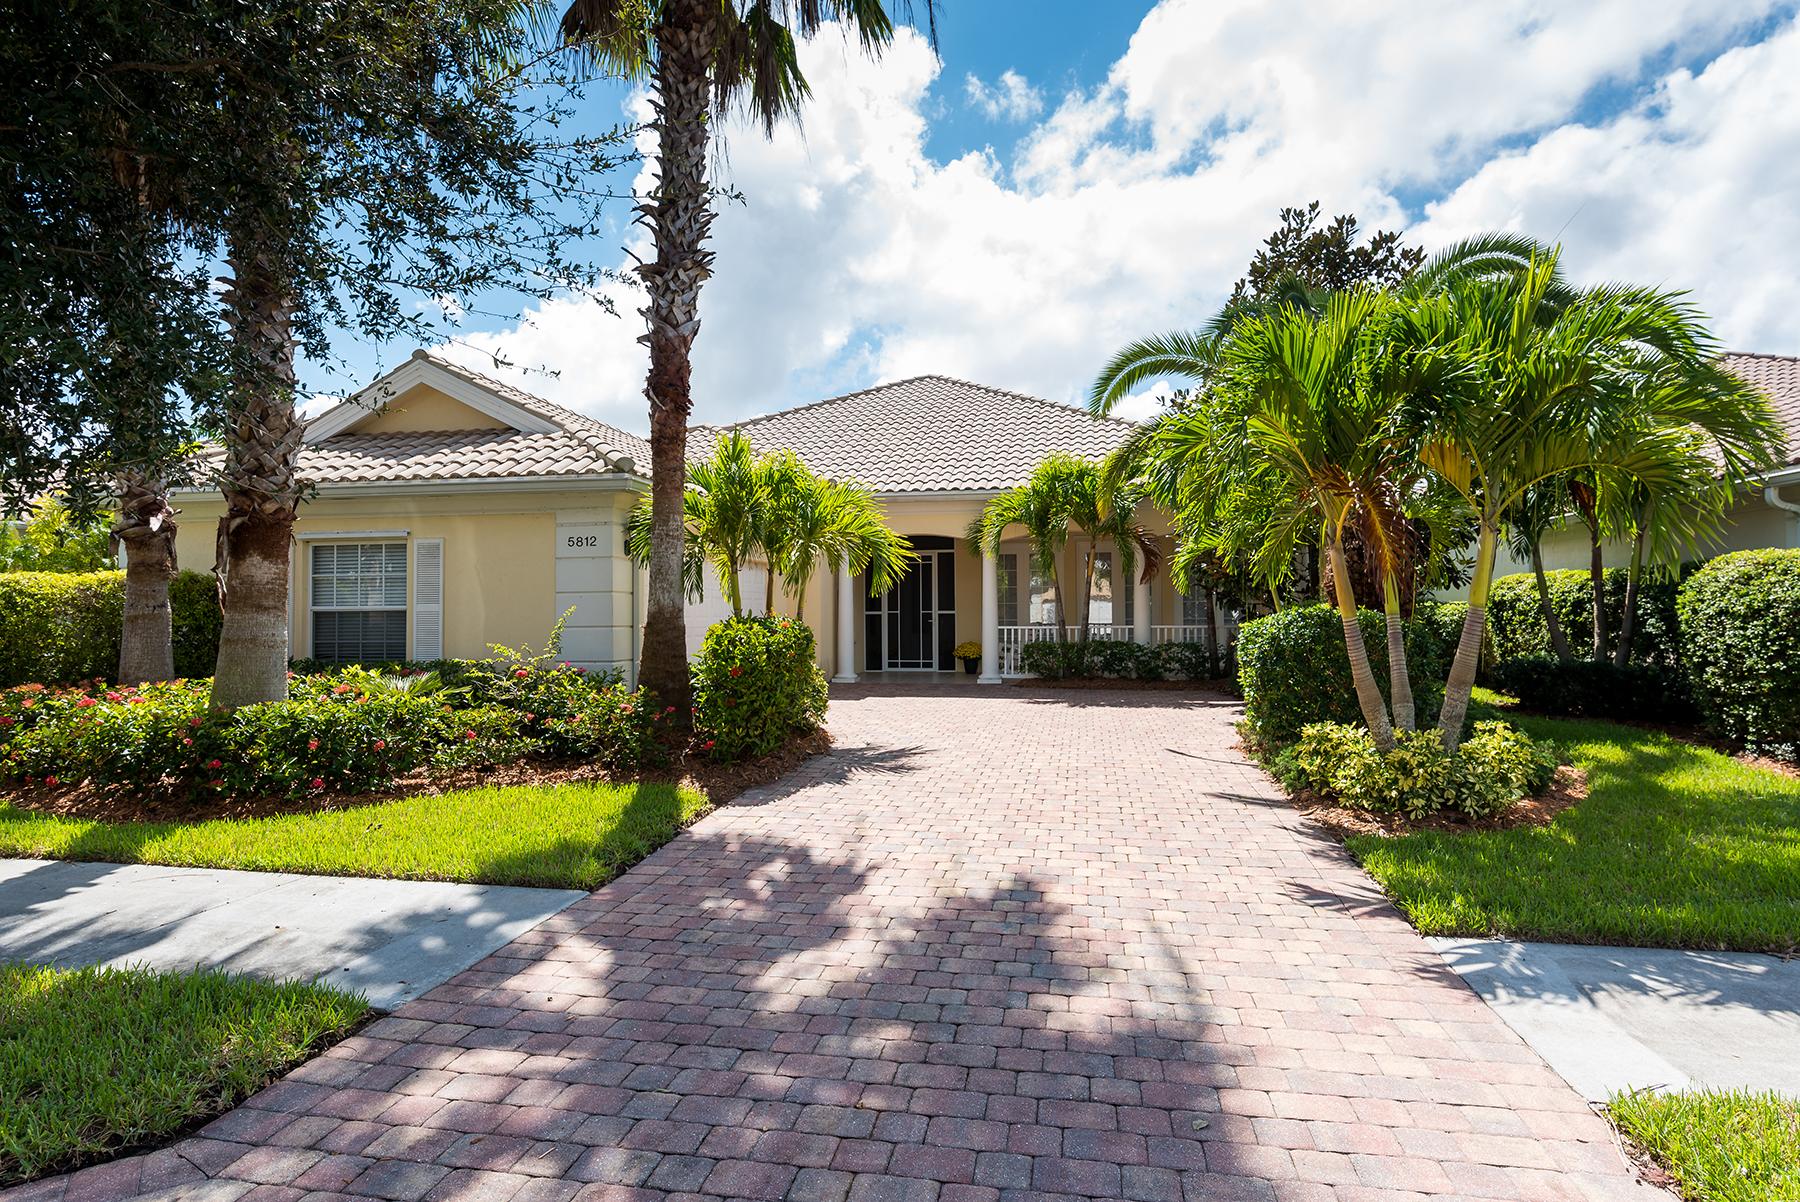 獨棟家庭住宅 為 出售 在 VILLAGE WALK 5812 Valente Pl Sarasota, 佛羅里達州, 34238 美國